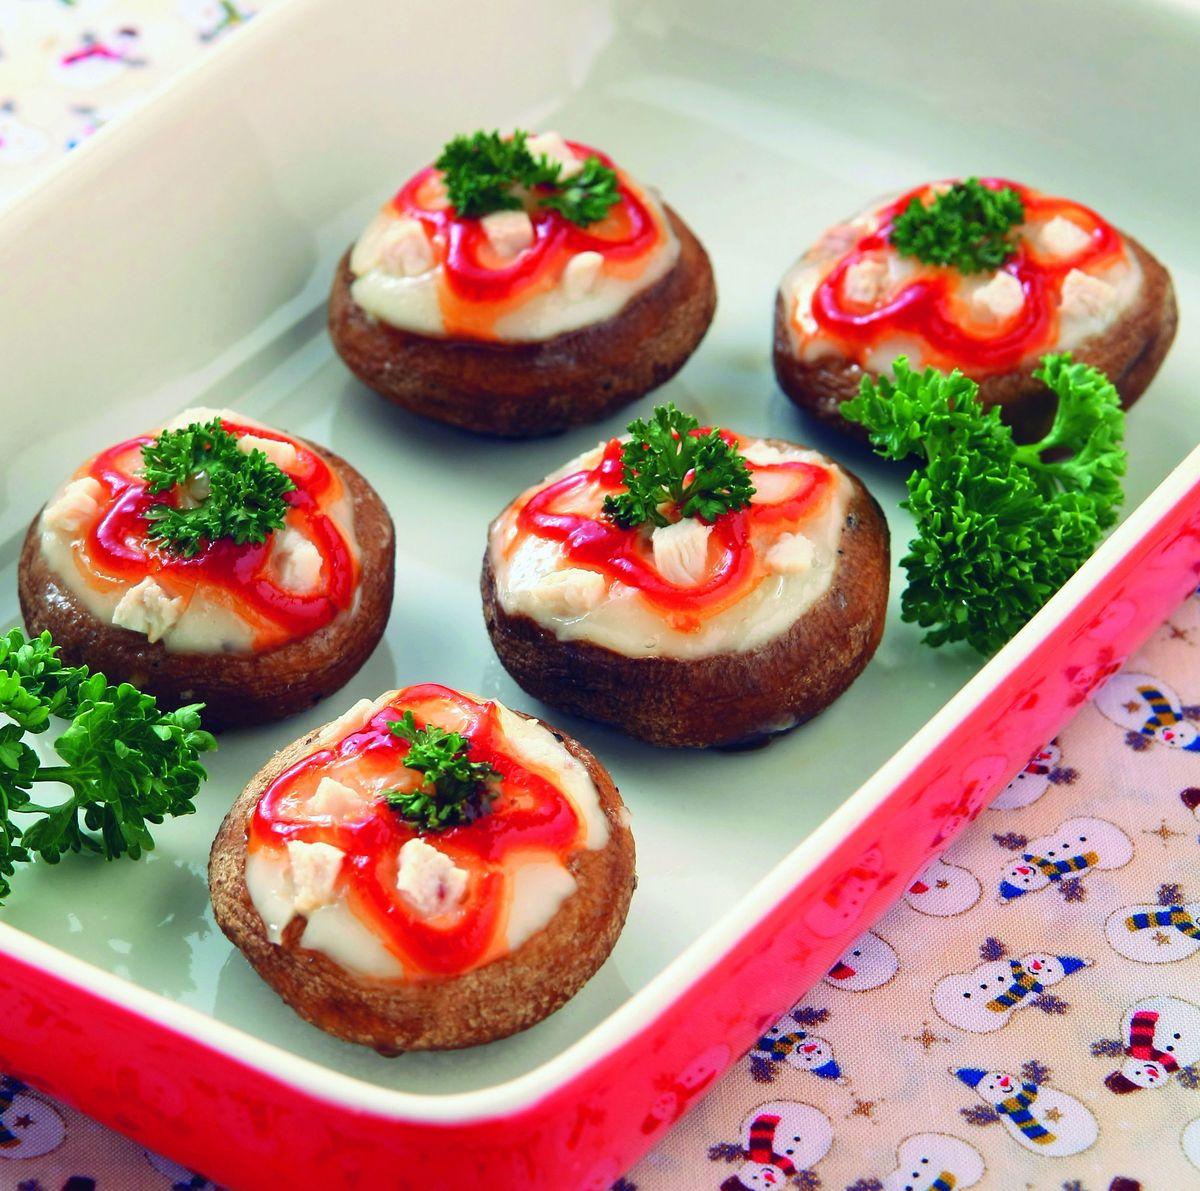 食譜:火雞肉烤鮮菇